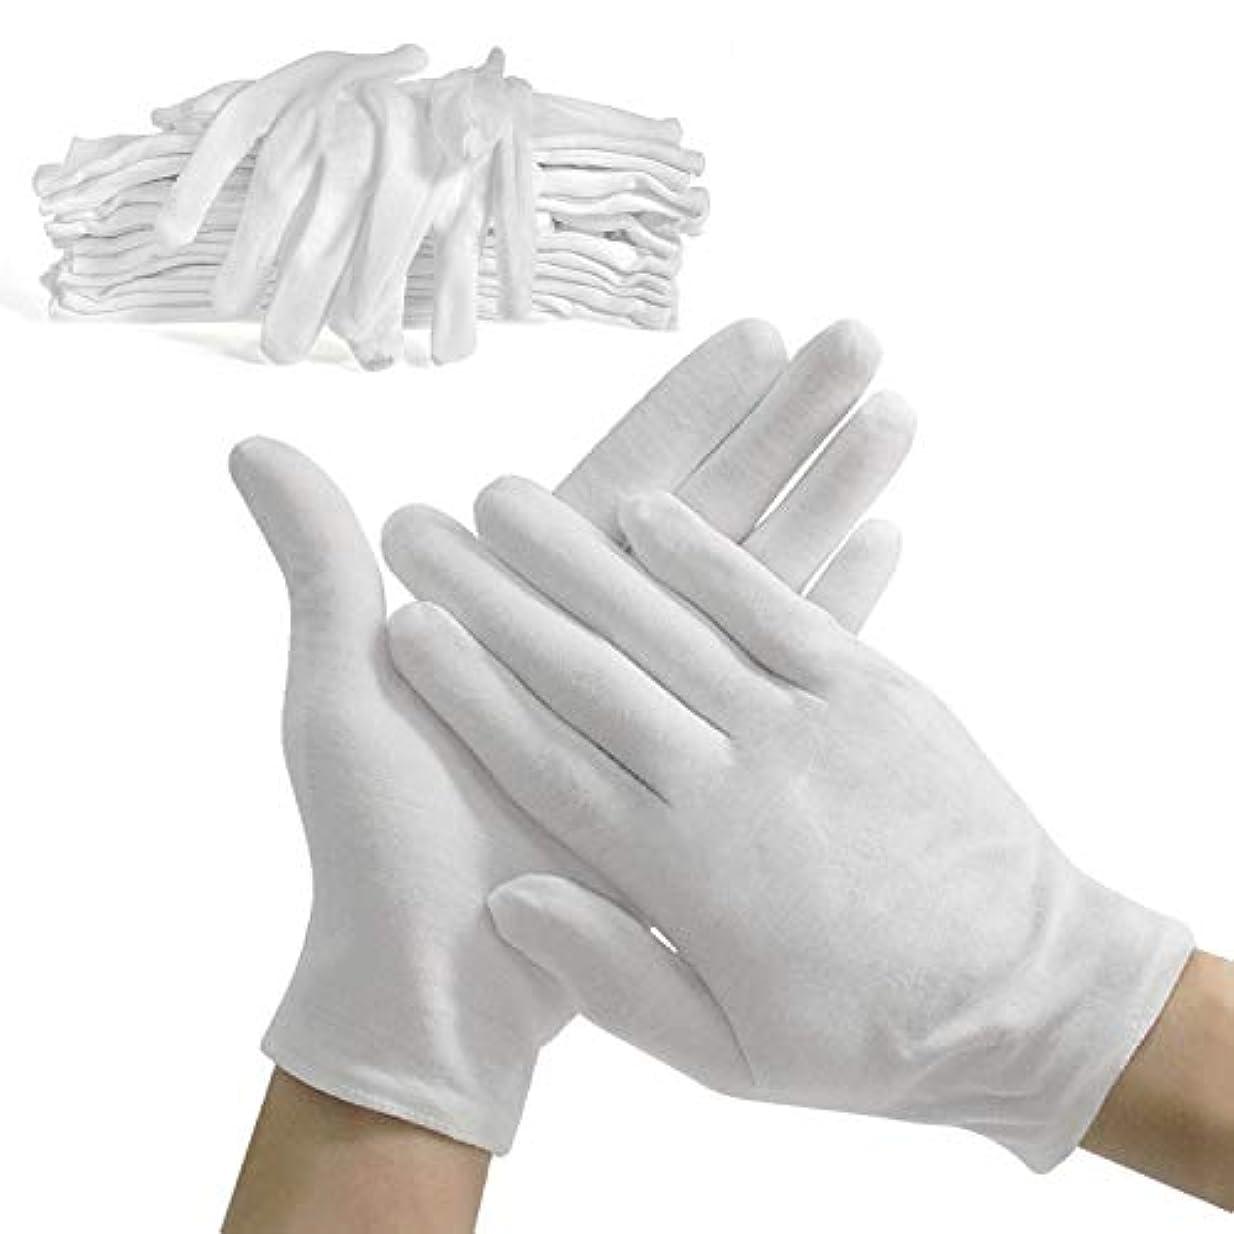 マットレスしがみつく隣接する使い捨て 手袋 コットン手袋 綿手袋 手荒れ 純綿100% 使い捨て 白手袋 薄手 お休み 湿疹 乾燥肌 保湿 礼装用 メンズ 手袋 レディース (XL,梱包数量50組(100)) (XL,梱包数量50組(100))